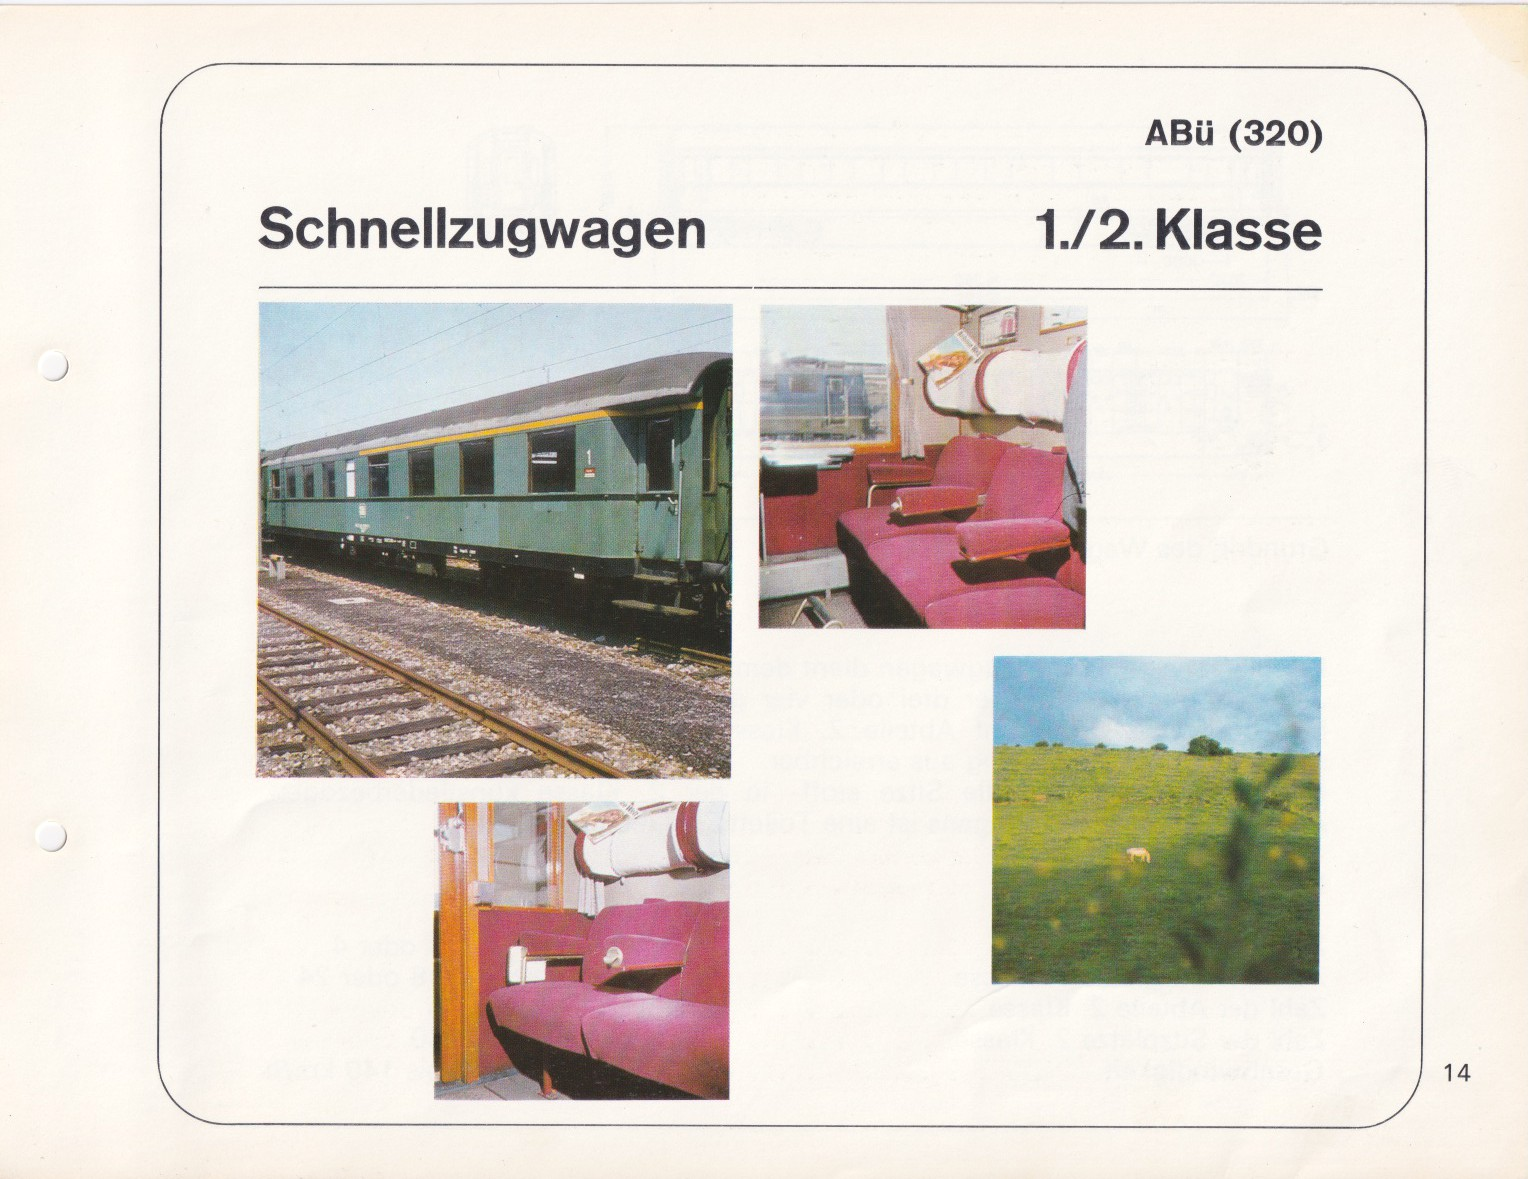 https://www.nullclub.de/hifo/Fahrzeuglexikon/Wagen14a.jpg